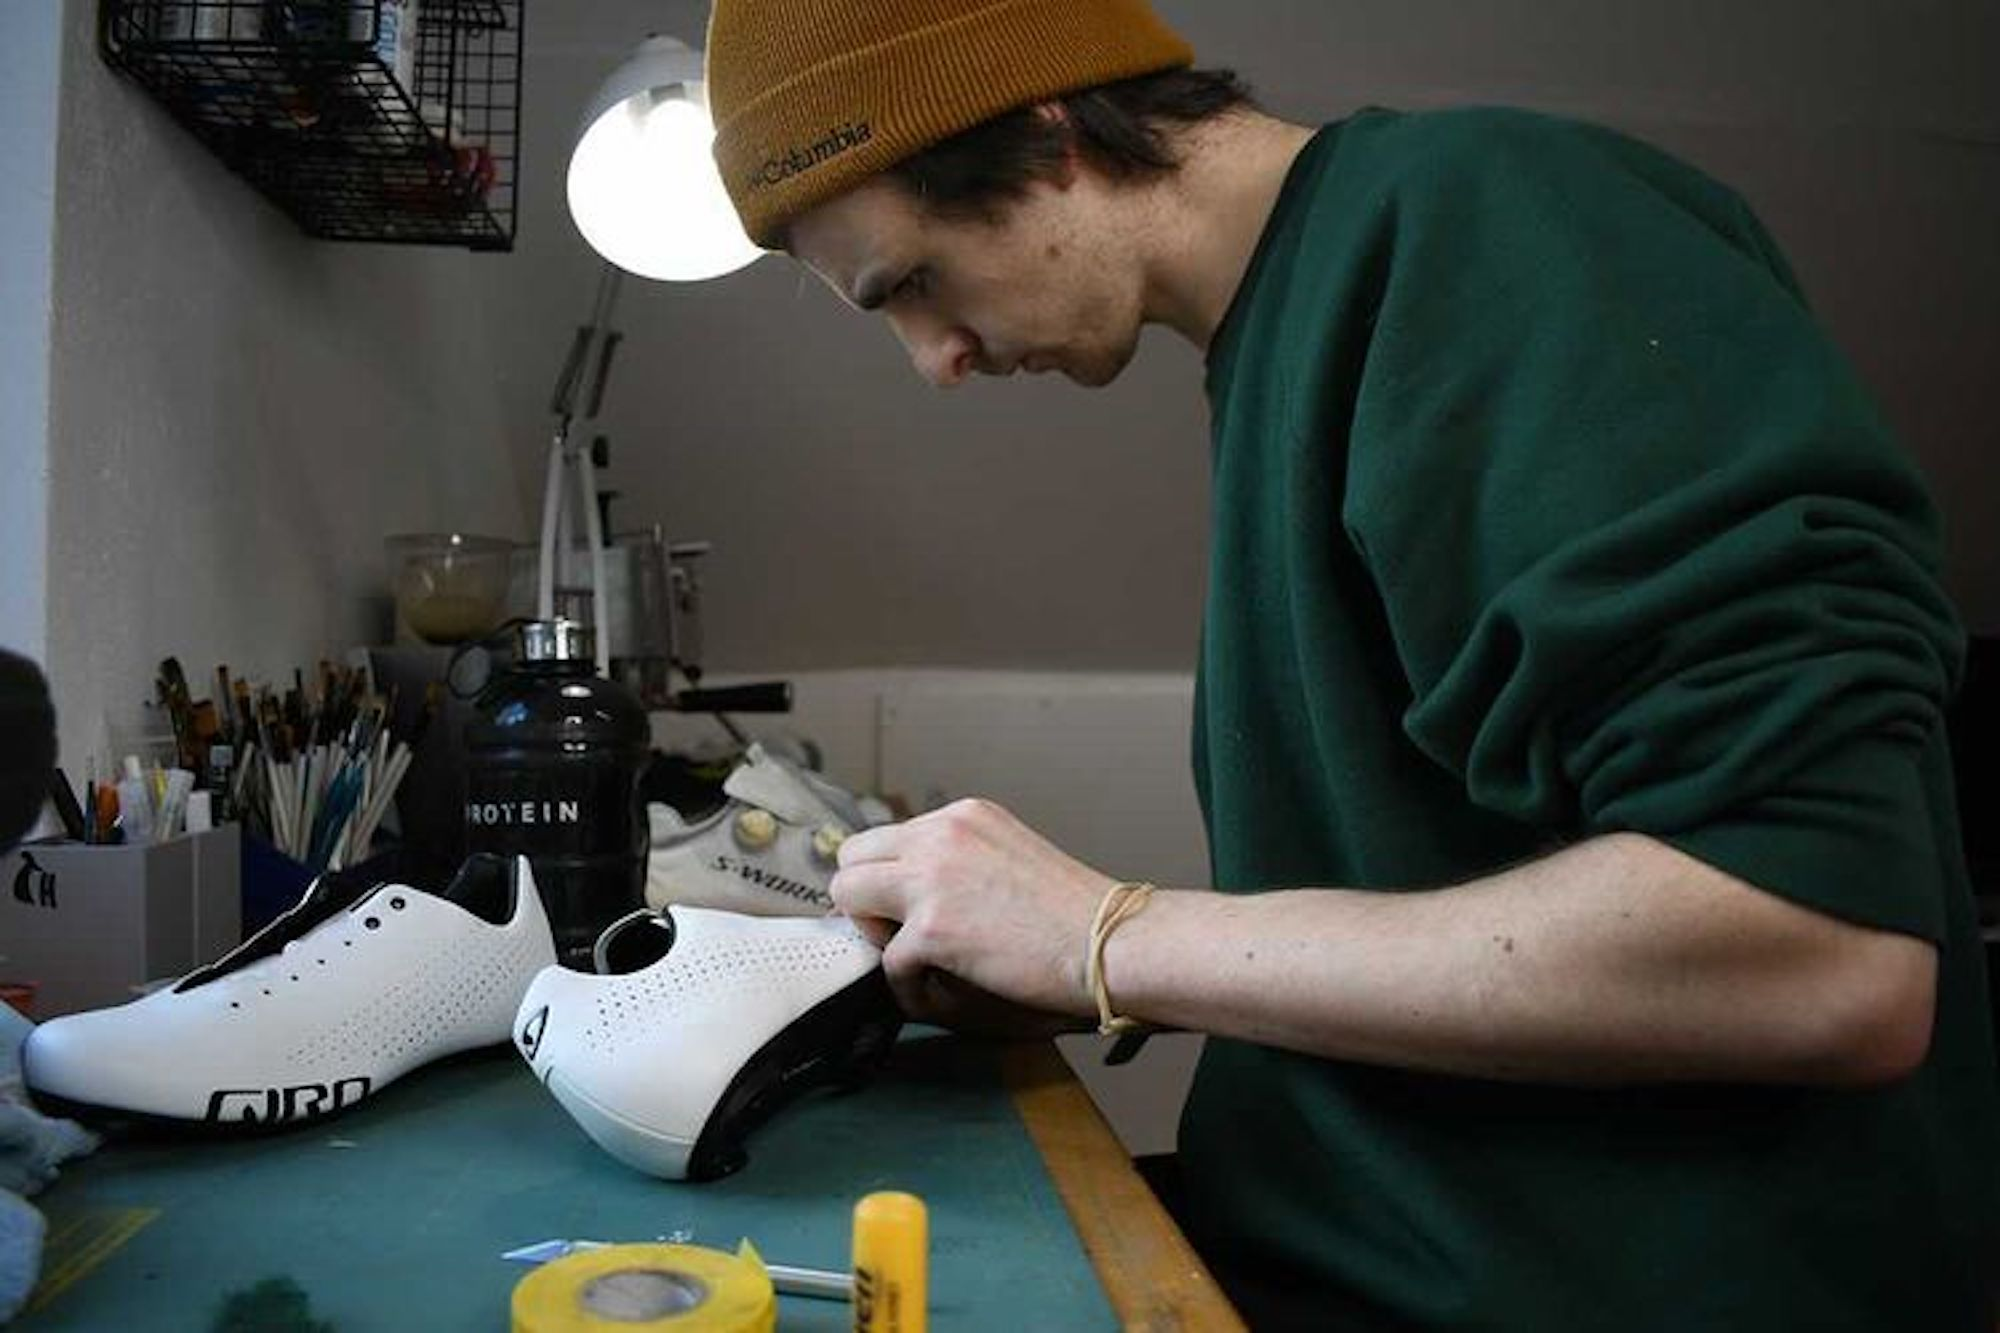 Il designer di scarpe personalizzate riceve una spinta inaspettata dopo che il vincitore del Tour de France Sir Bradley Wiggins indossa il suo kit